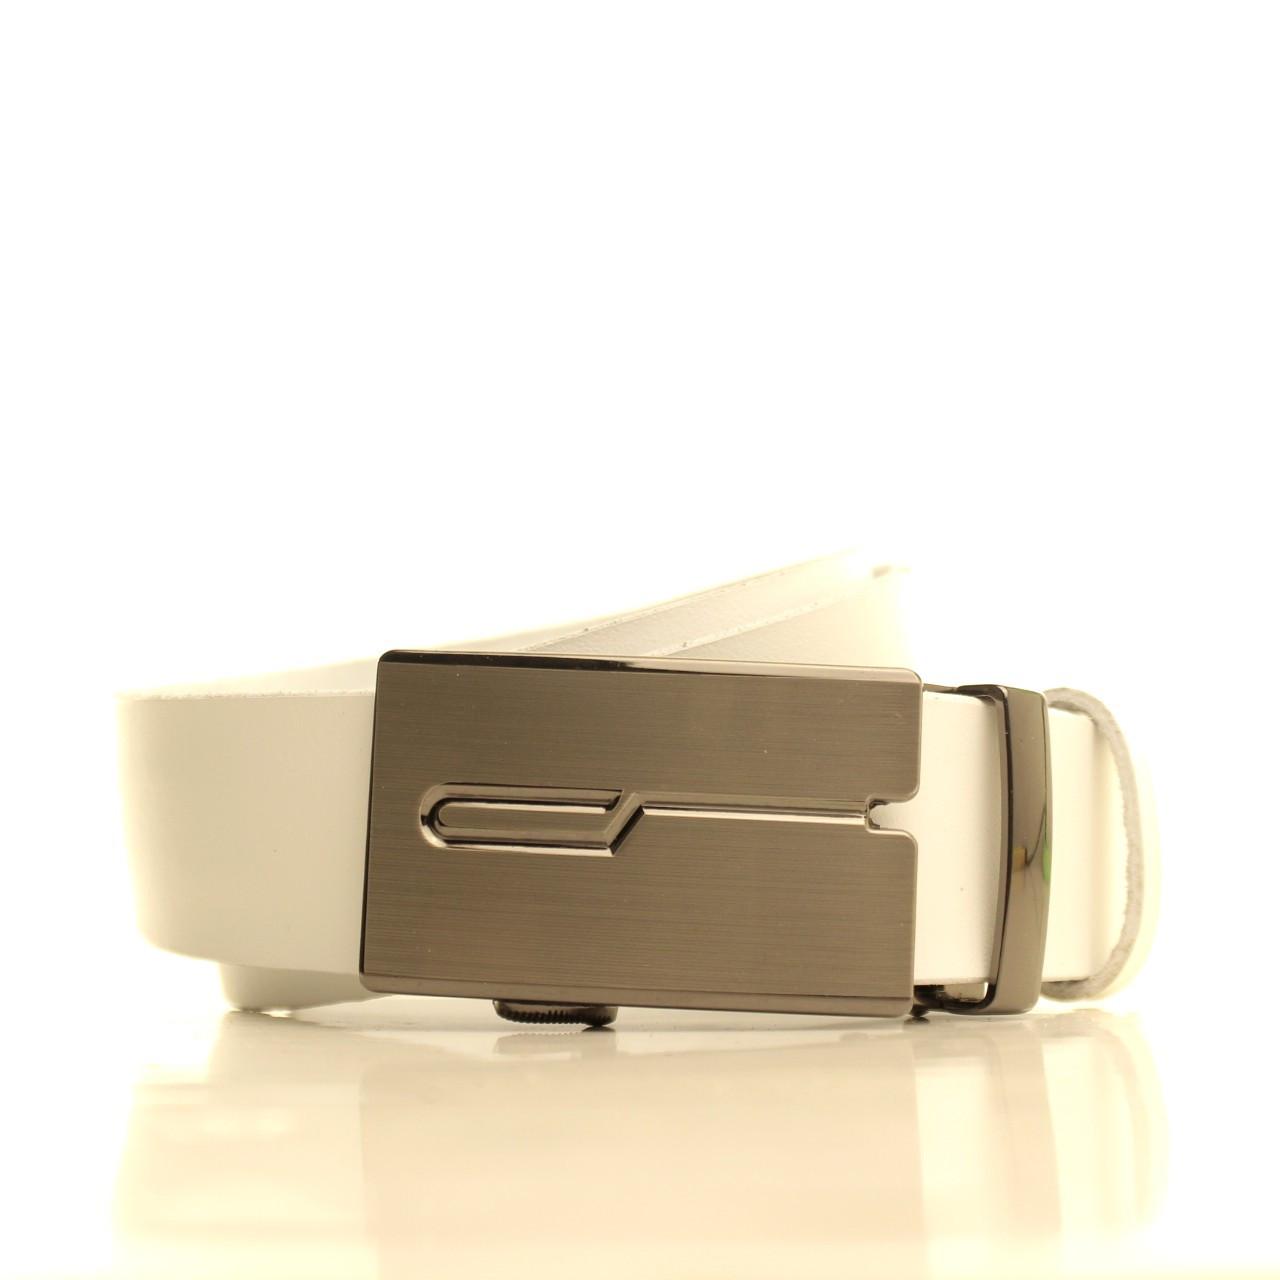 Ремень кожаный Lazar 105-115 см белый l35u1a123